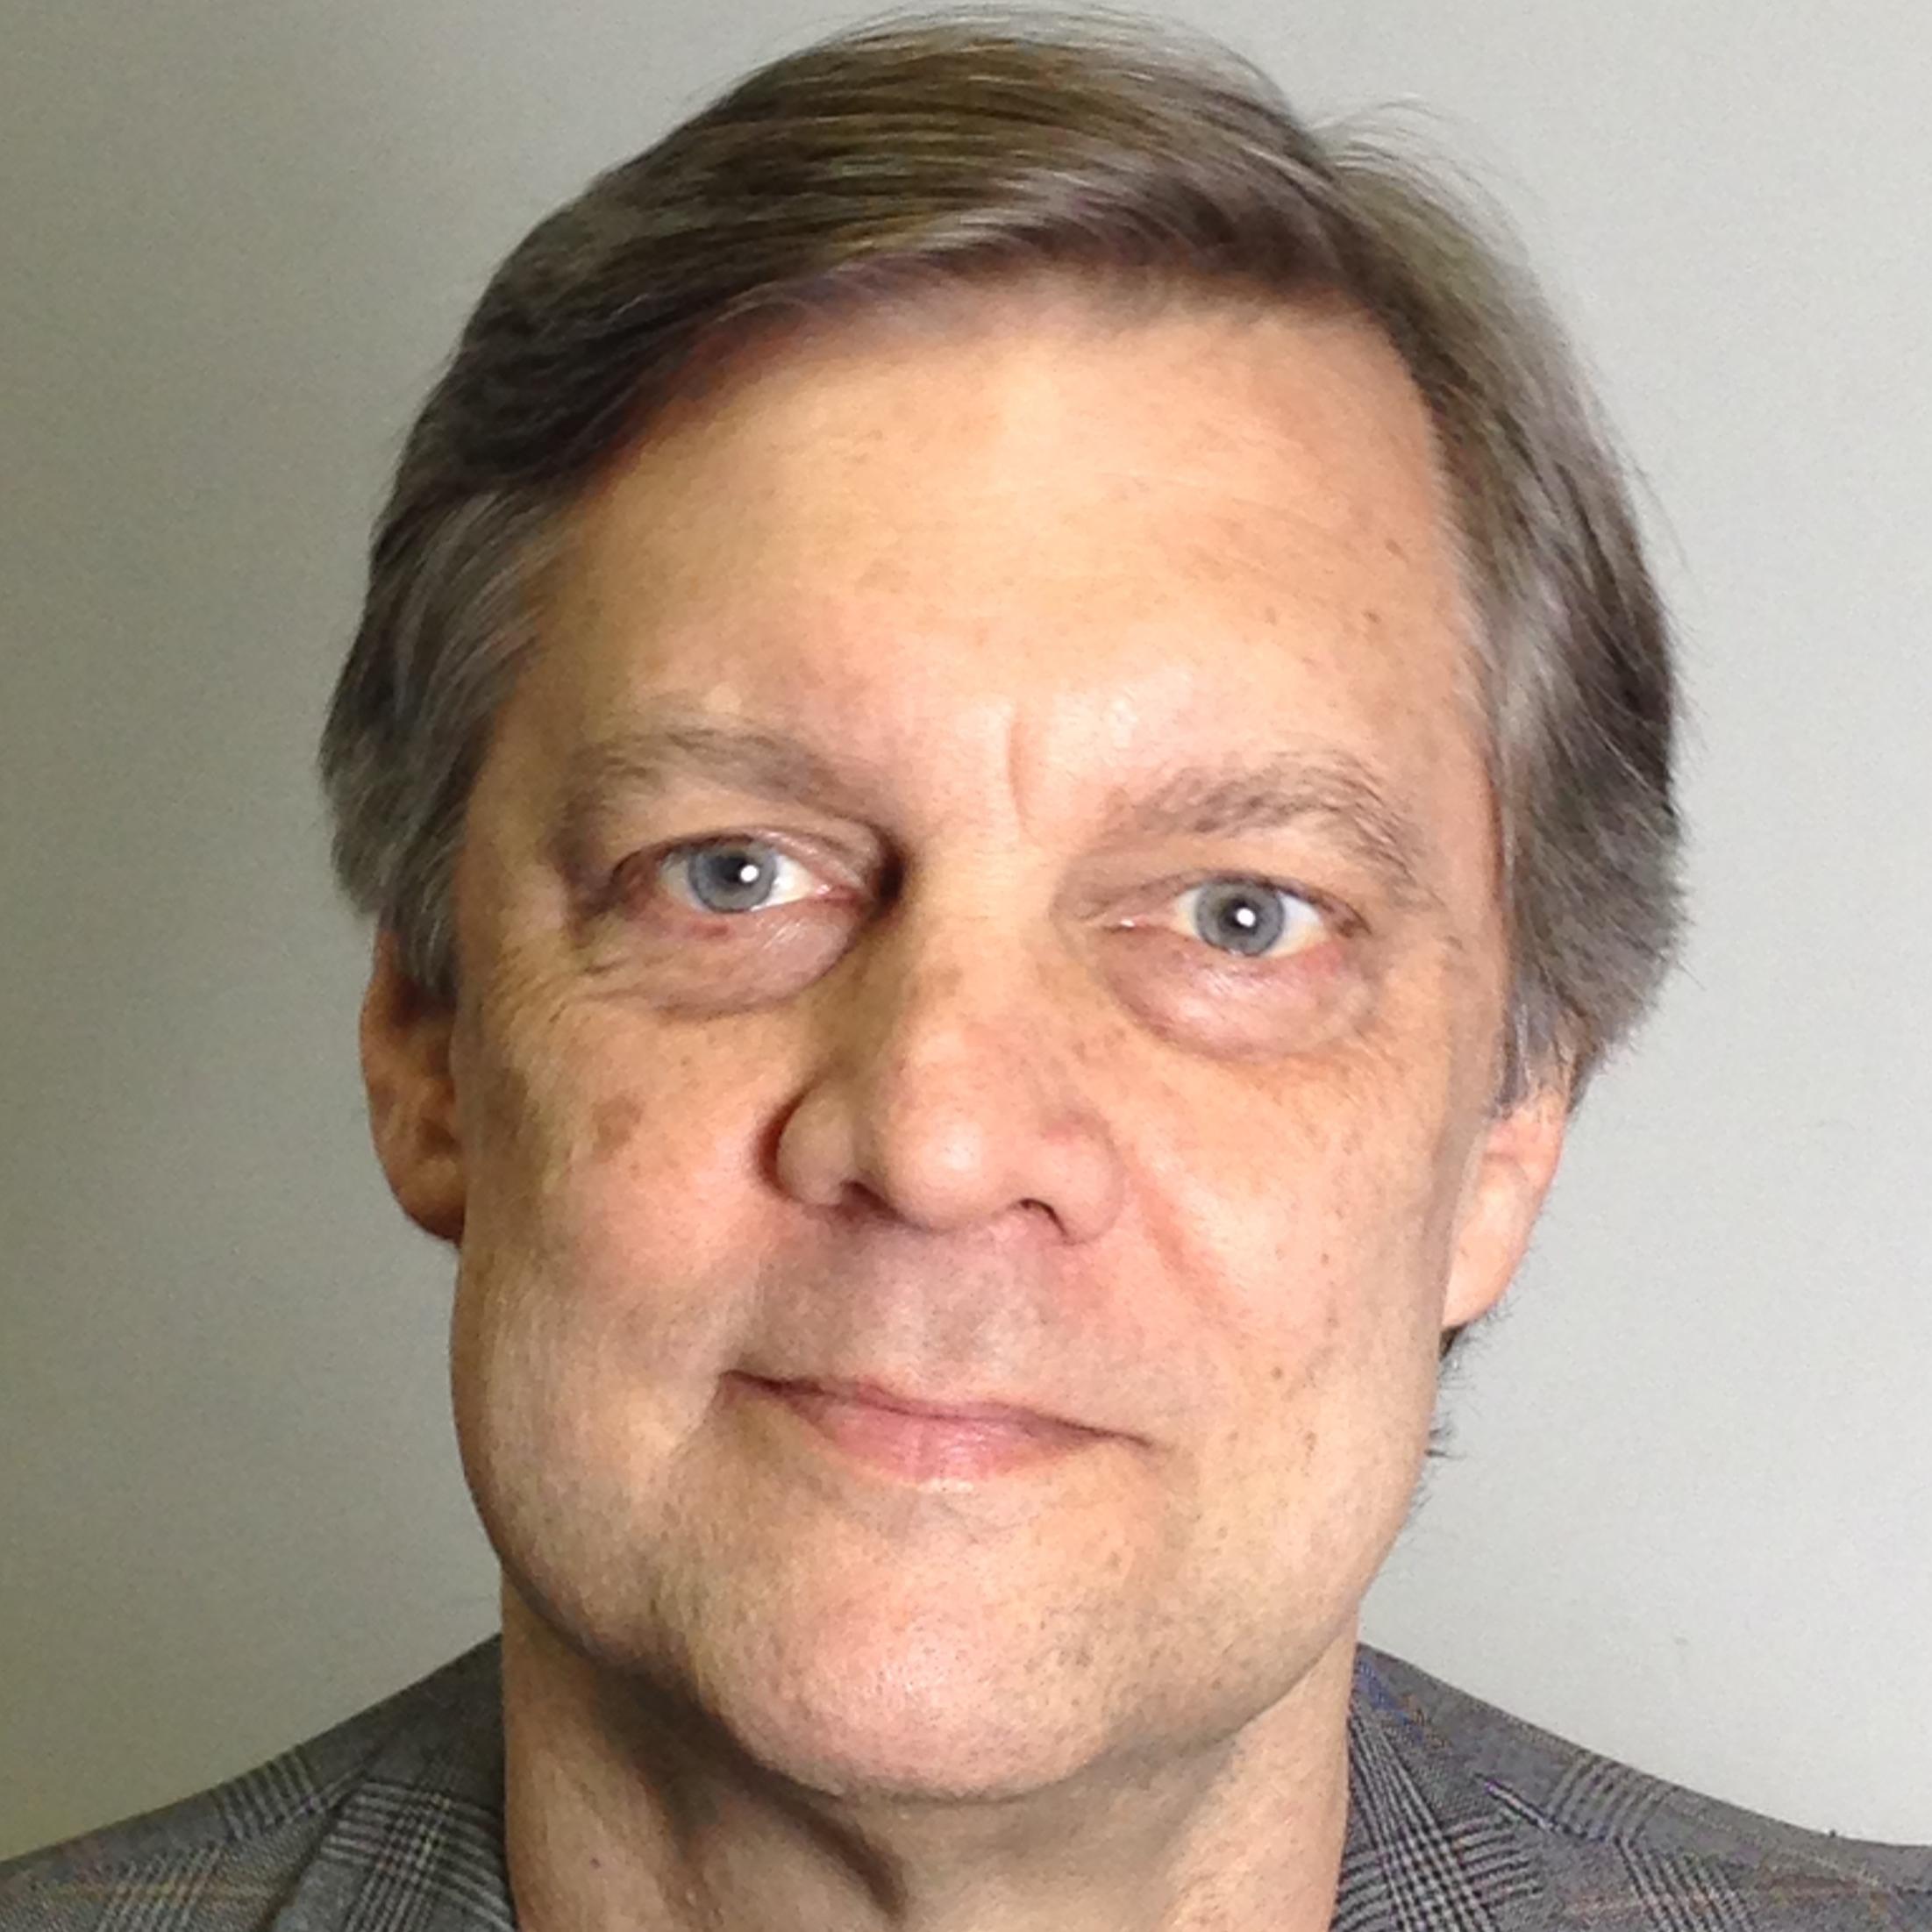 David Blankenhorn - President,  Better Angels